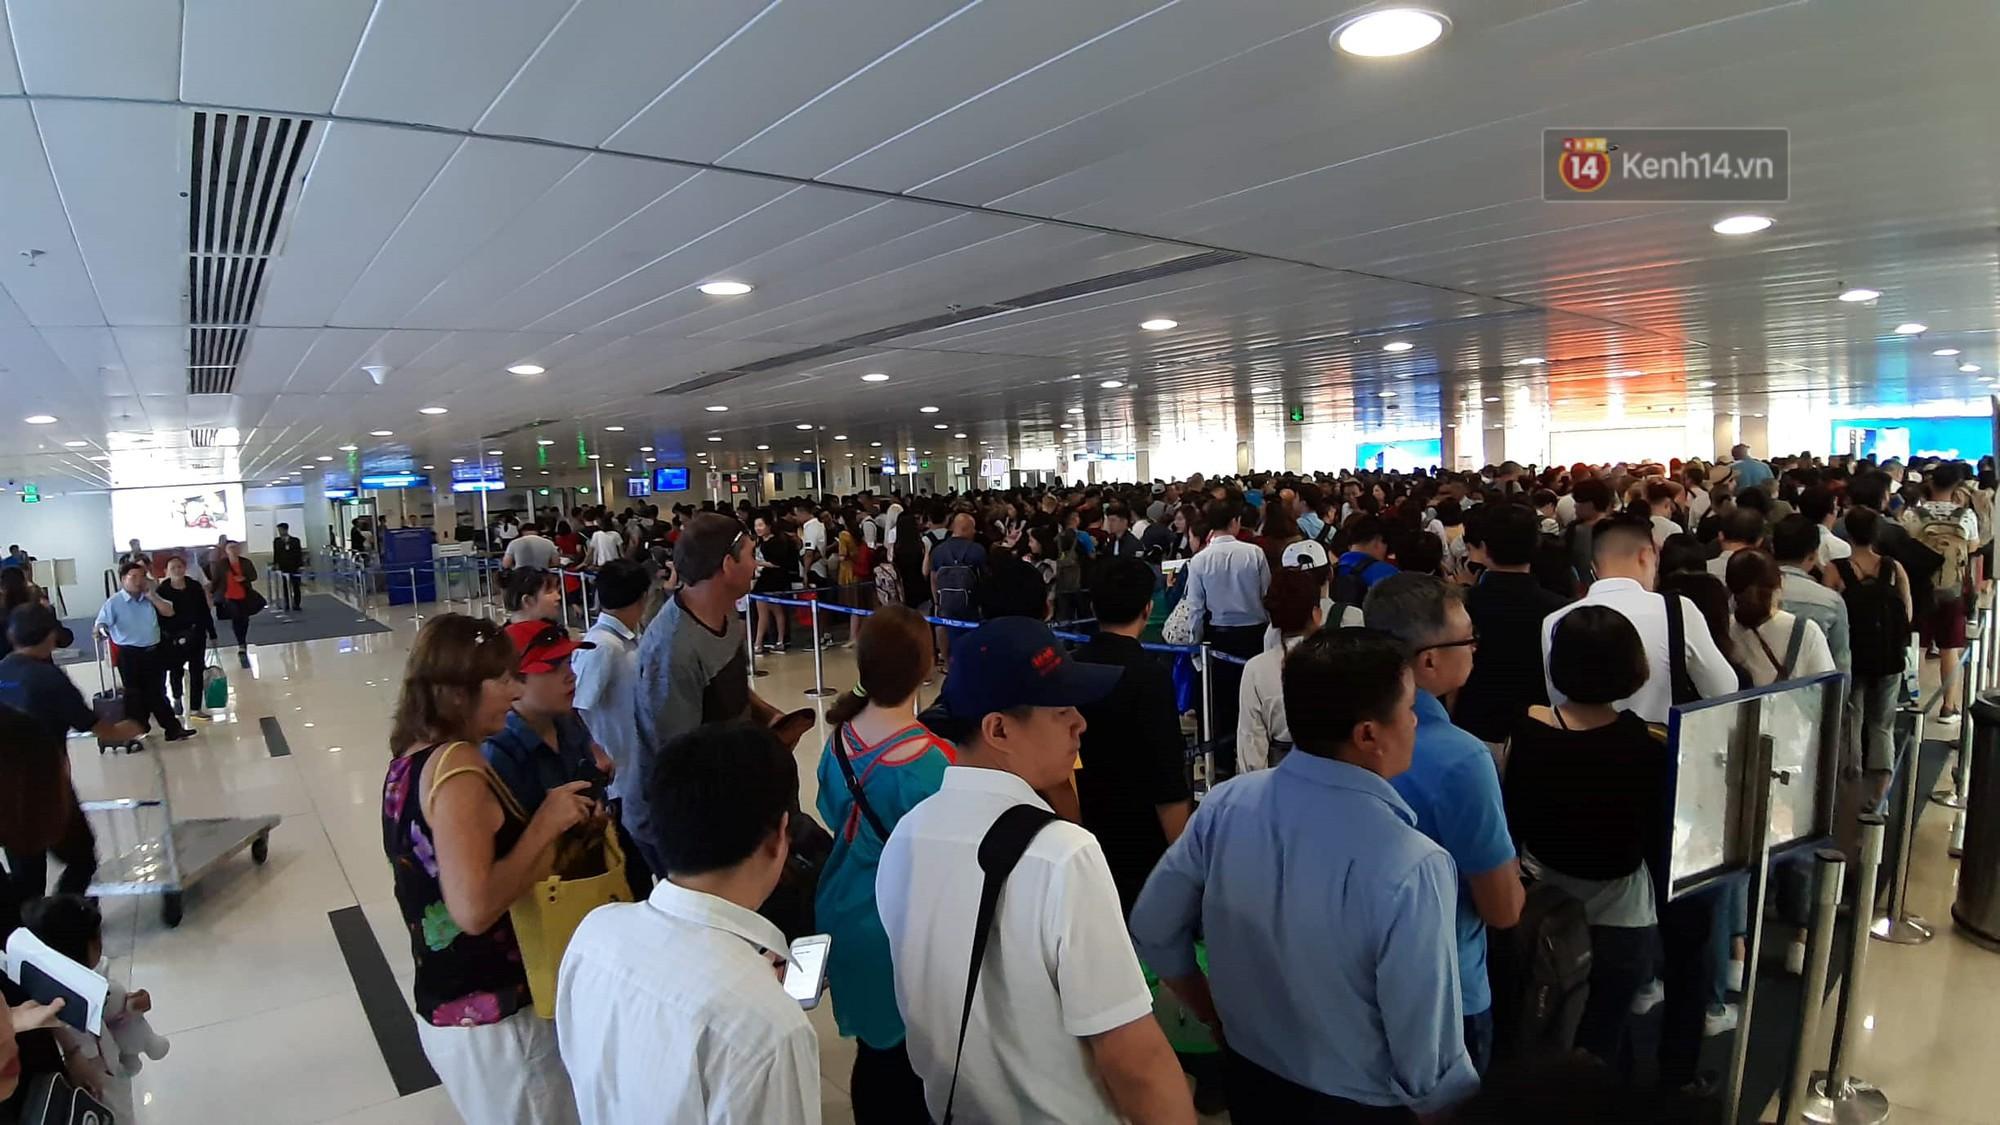 Chùm ảnh khó thở trước kỳ nghỉ lễ: Sân bay Tân Sơn Nhất ùn tắc từ ngoài vào trong - Ảnh 10.